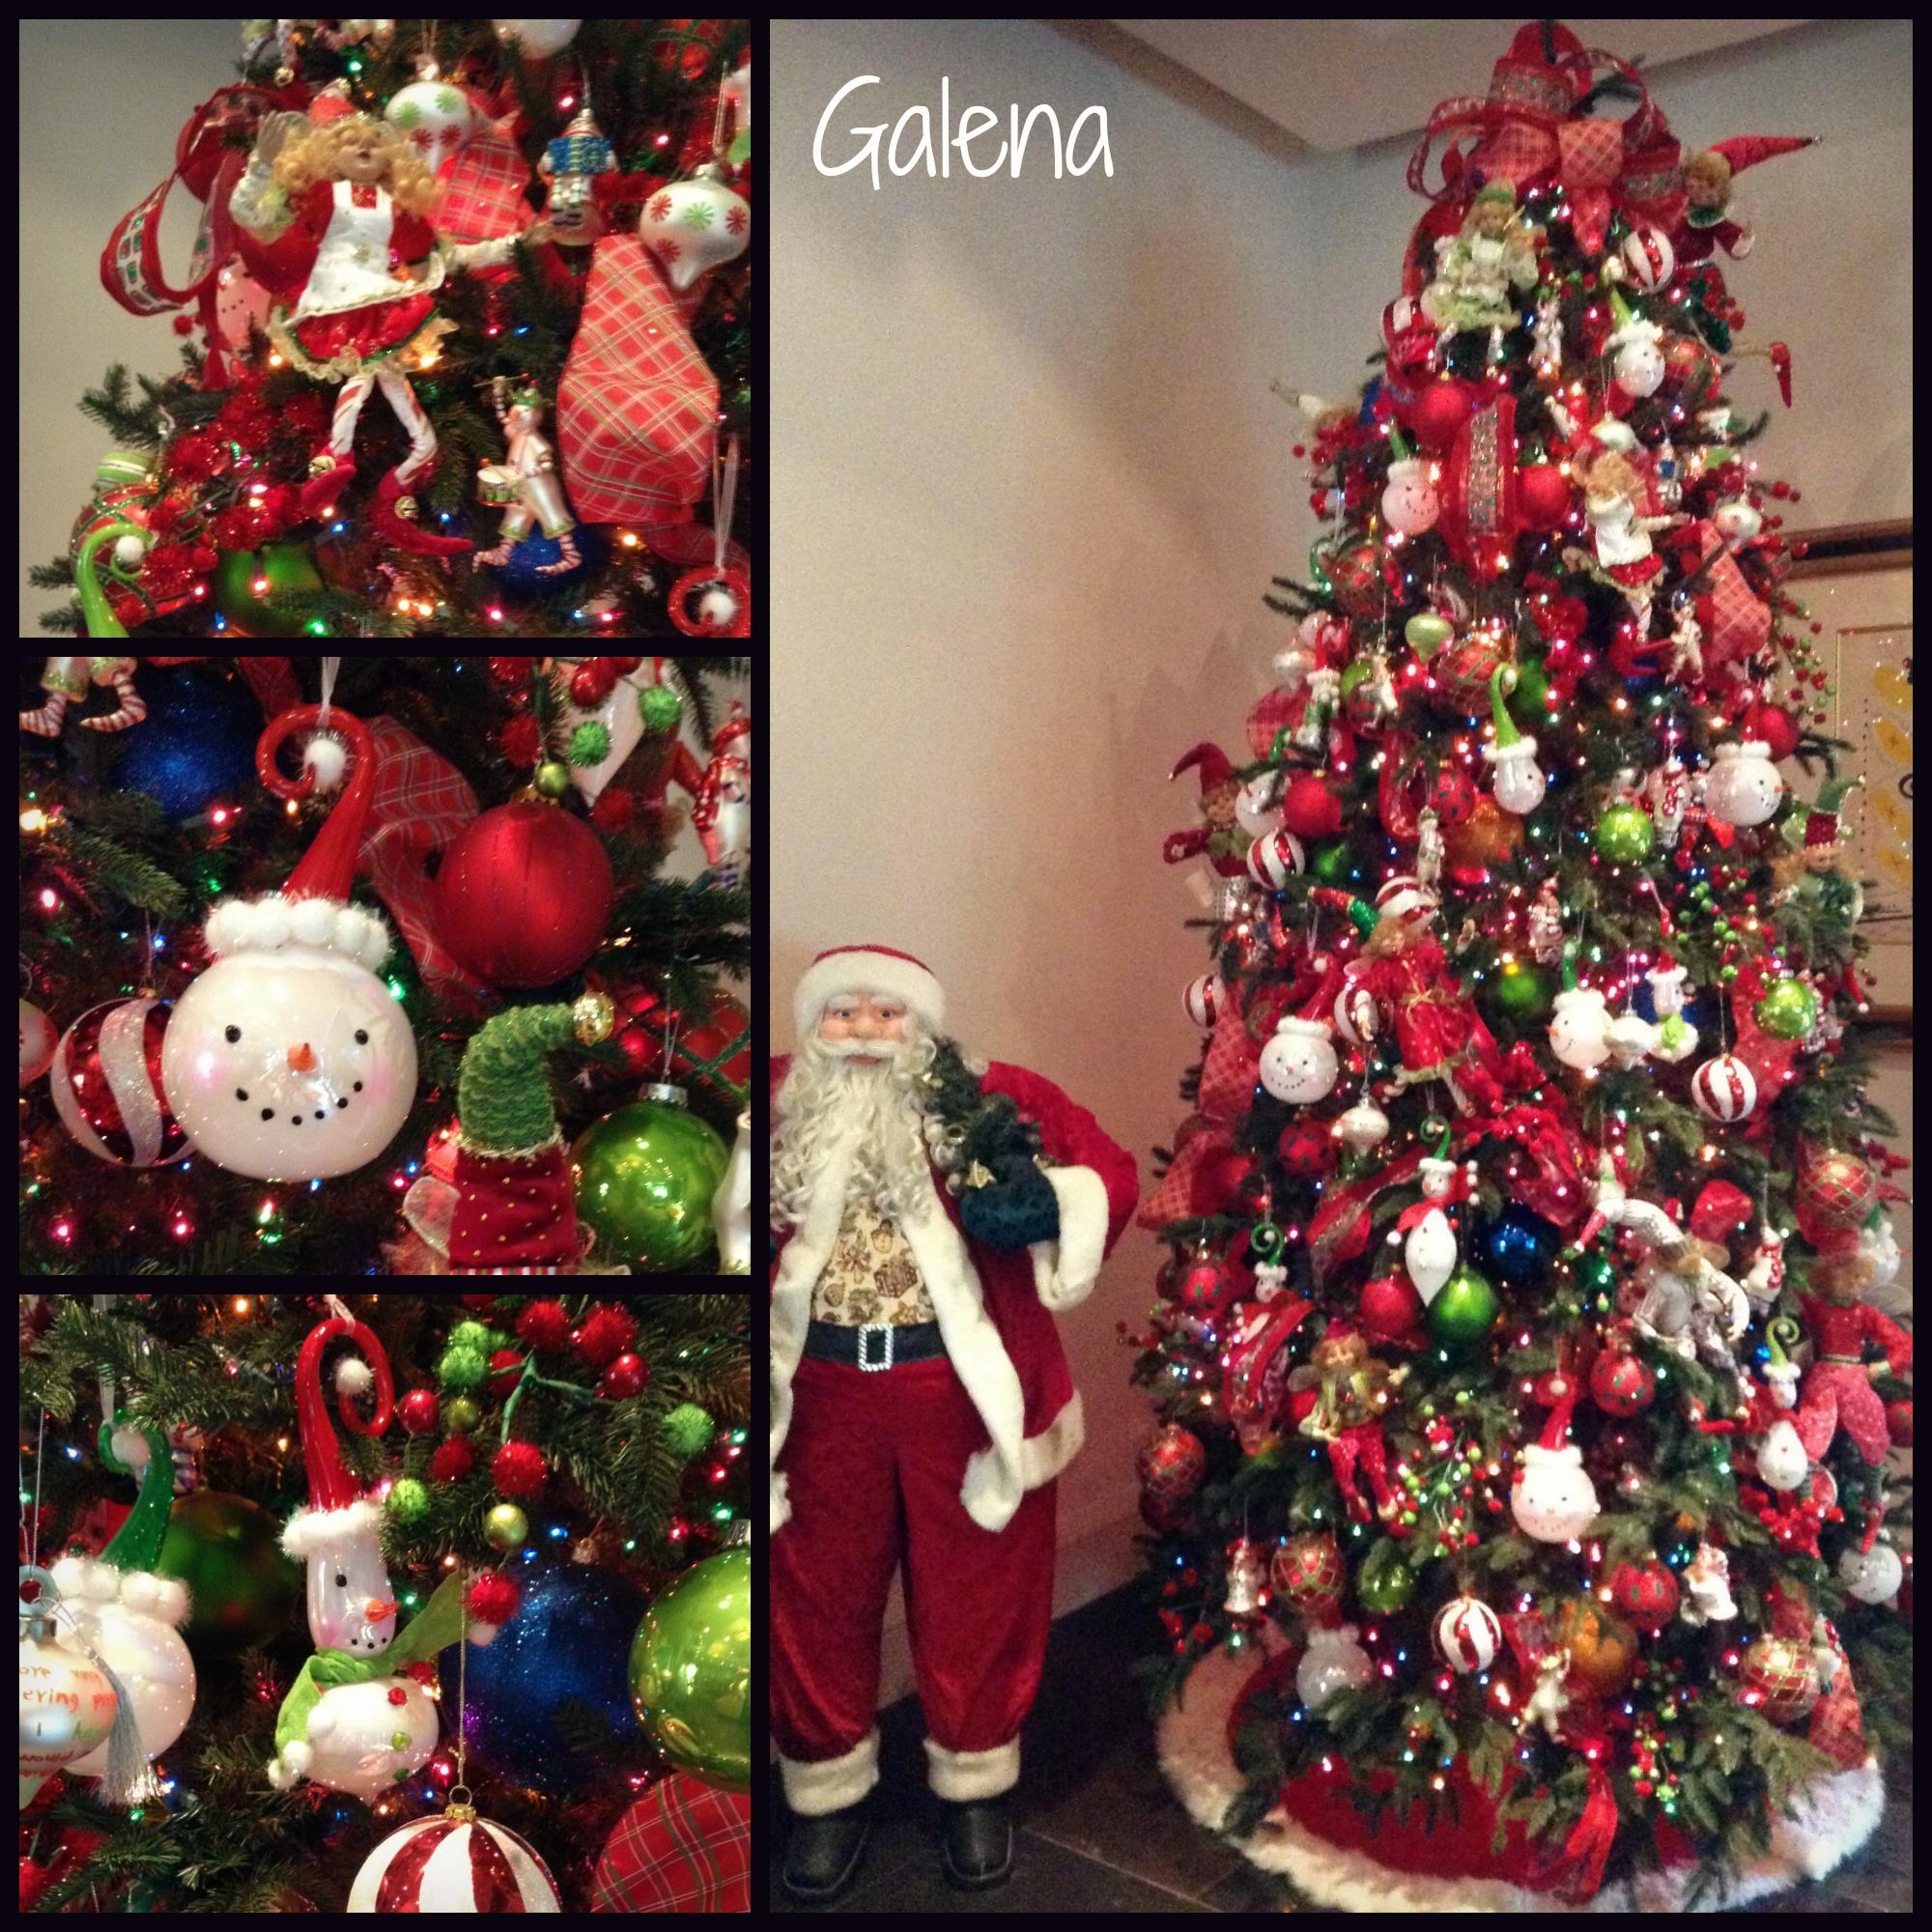 Ideas para decorar el rbol de navidad ana galena - Nieve para arbol de navidad ...